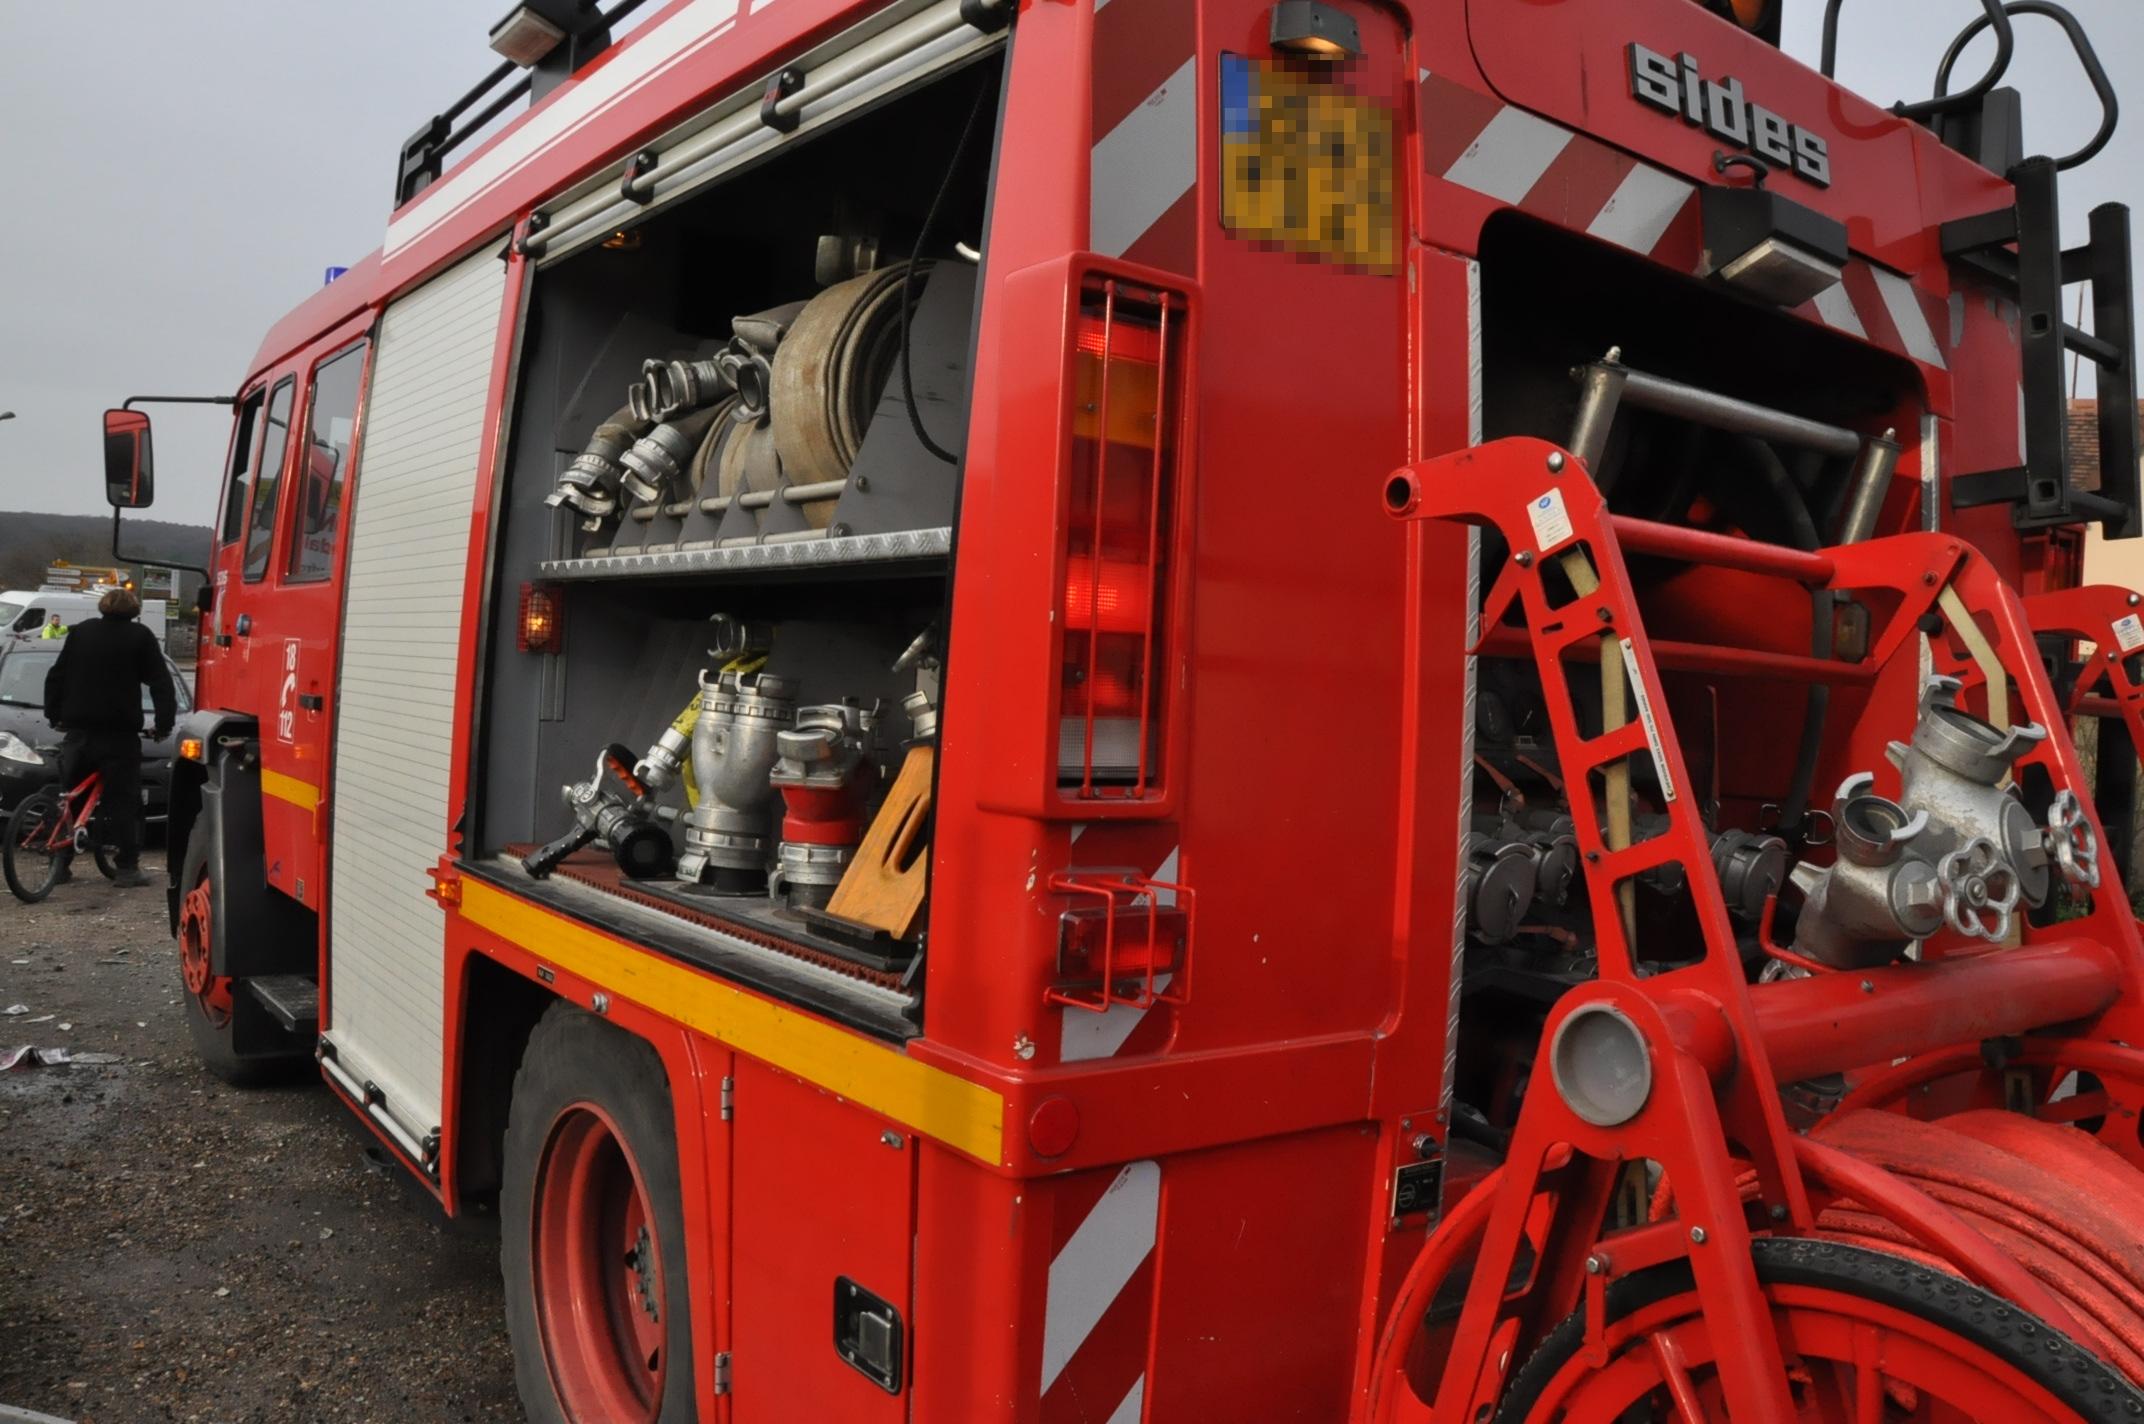 Un important dispositif de secours a été engagé pour lutter contre l'incendie qui menaçait de se propager (Illustration@infonormandie)